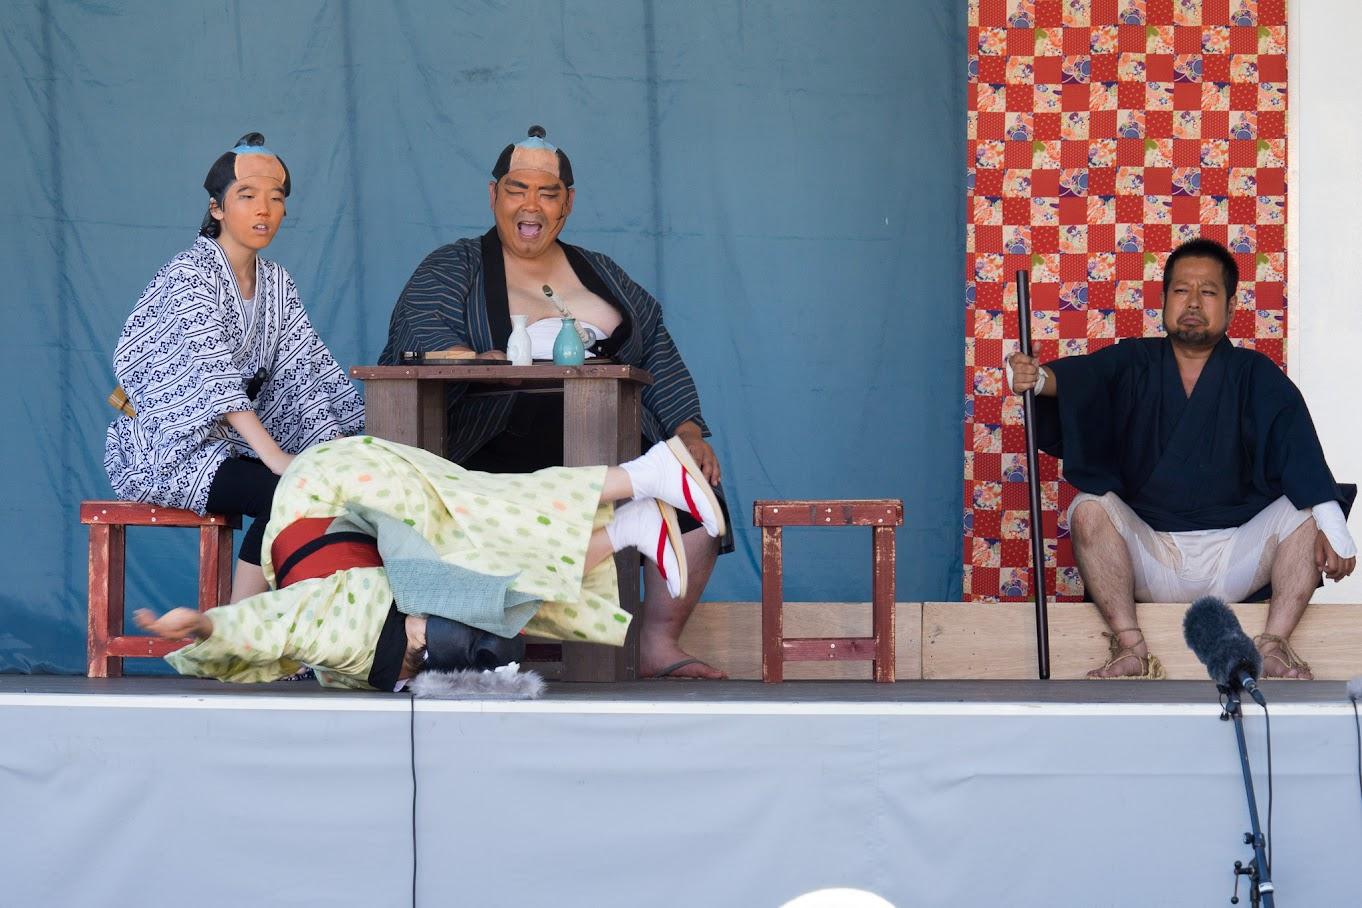 飲み屋の女将さん役の北竜町の金山サワさん(69歳)